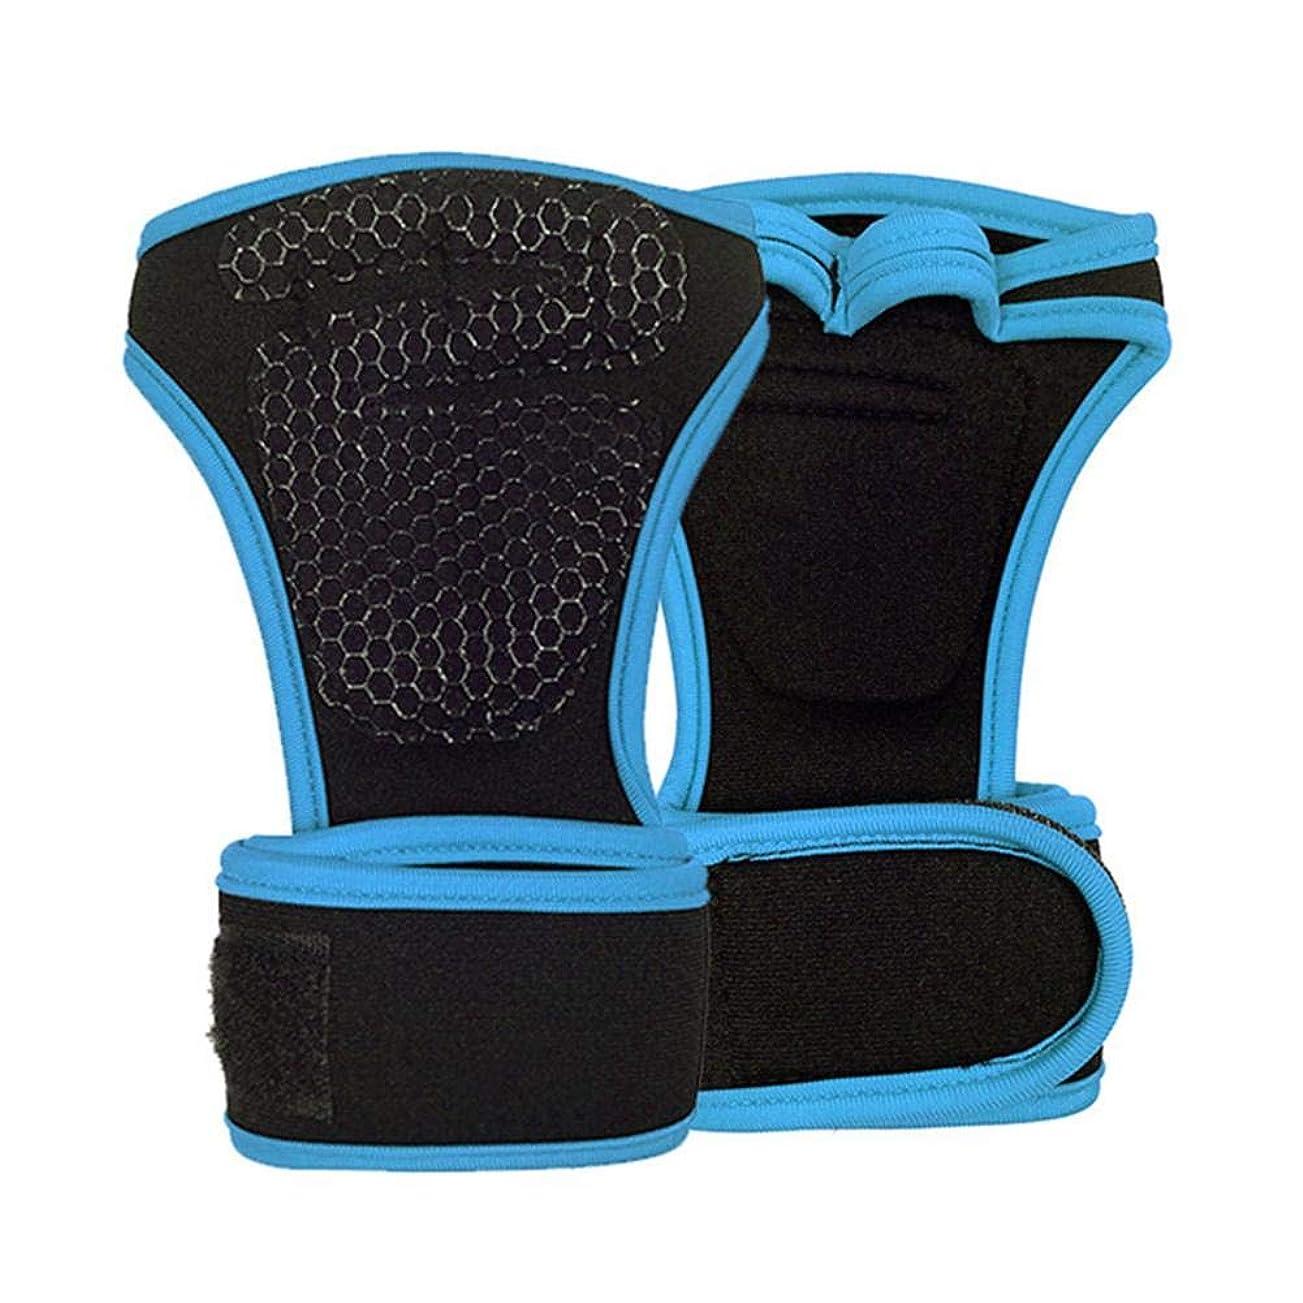 貫通感性乳ダイビングウェイトリフティング手袋トレーニングフィットネススポーツ手のひらサイクリンググローブ(M)ブルー,NewZeroIn